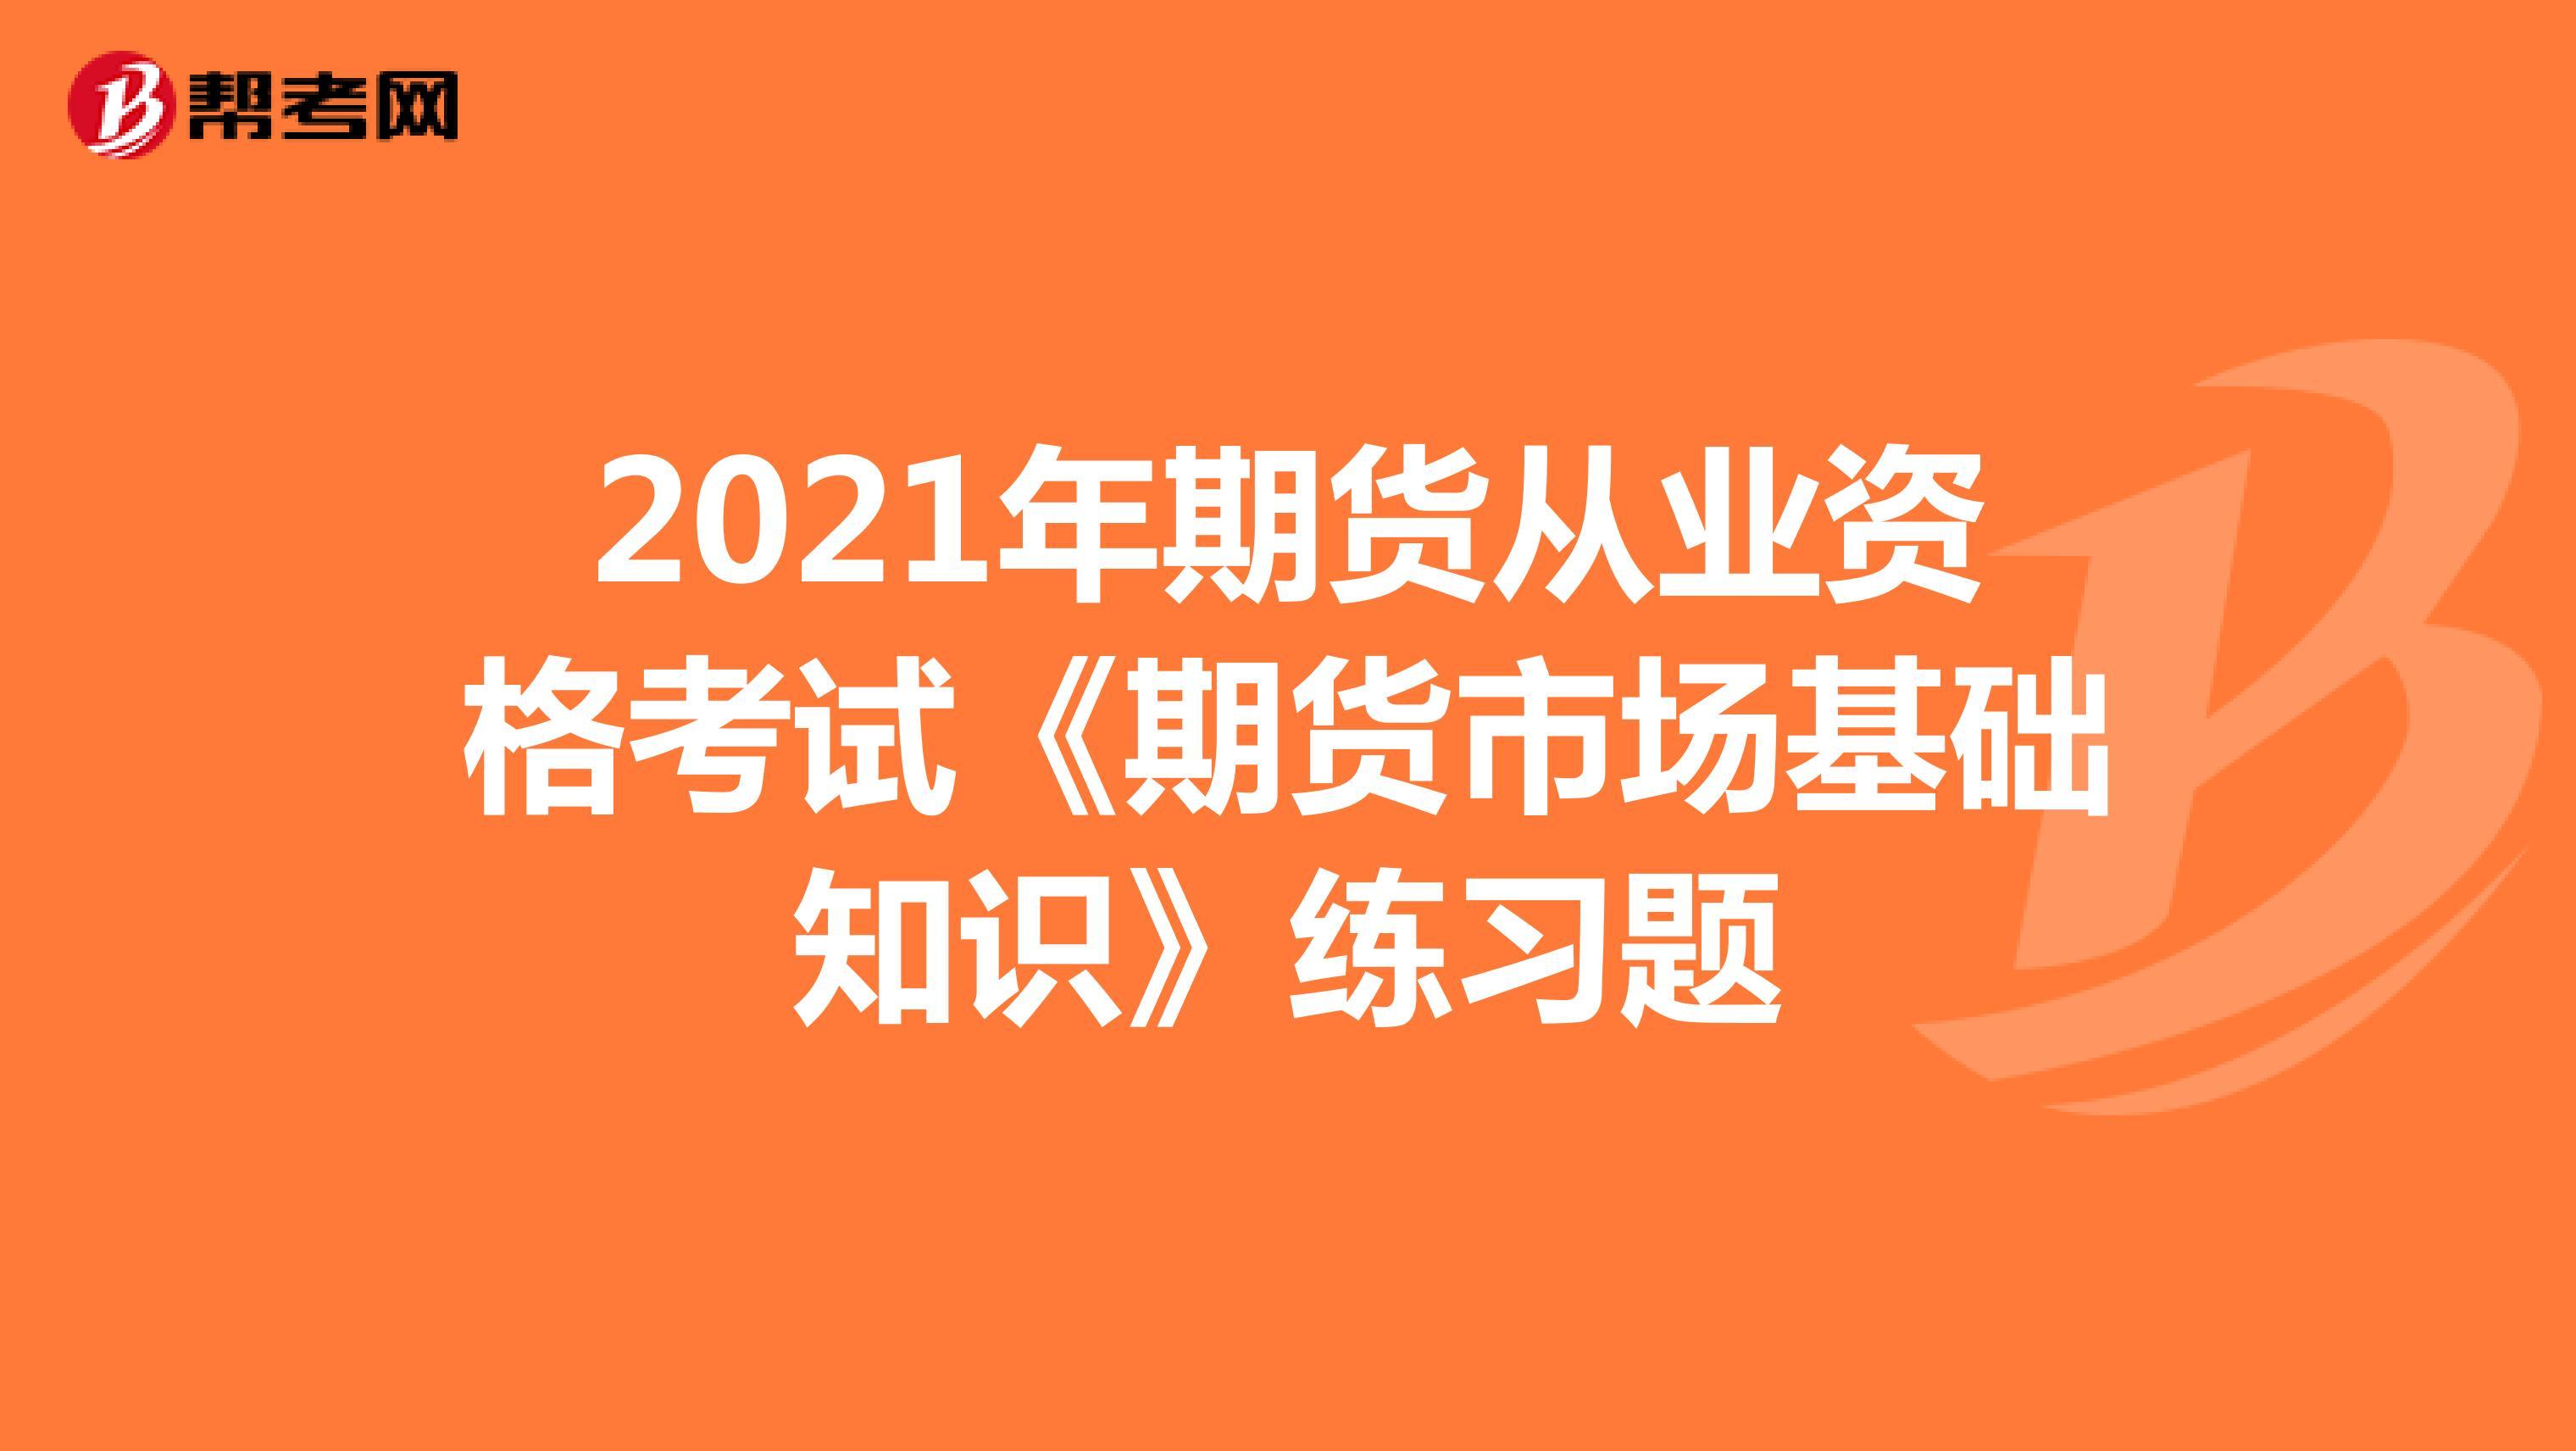 2021年期货从业资格考试《期货市场基础知识》练习题